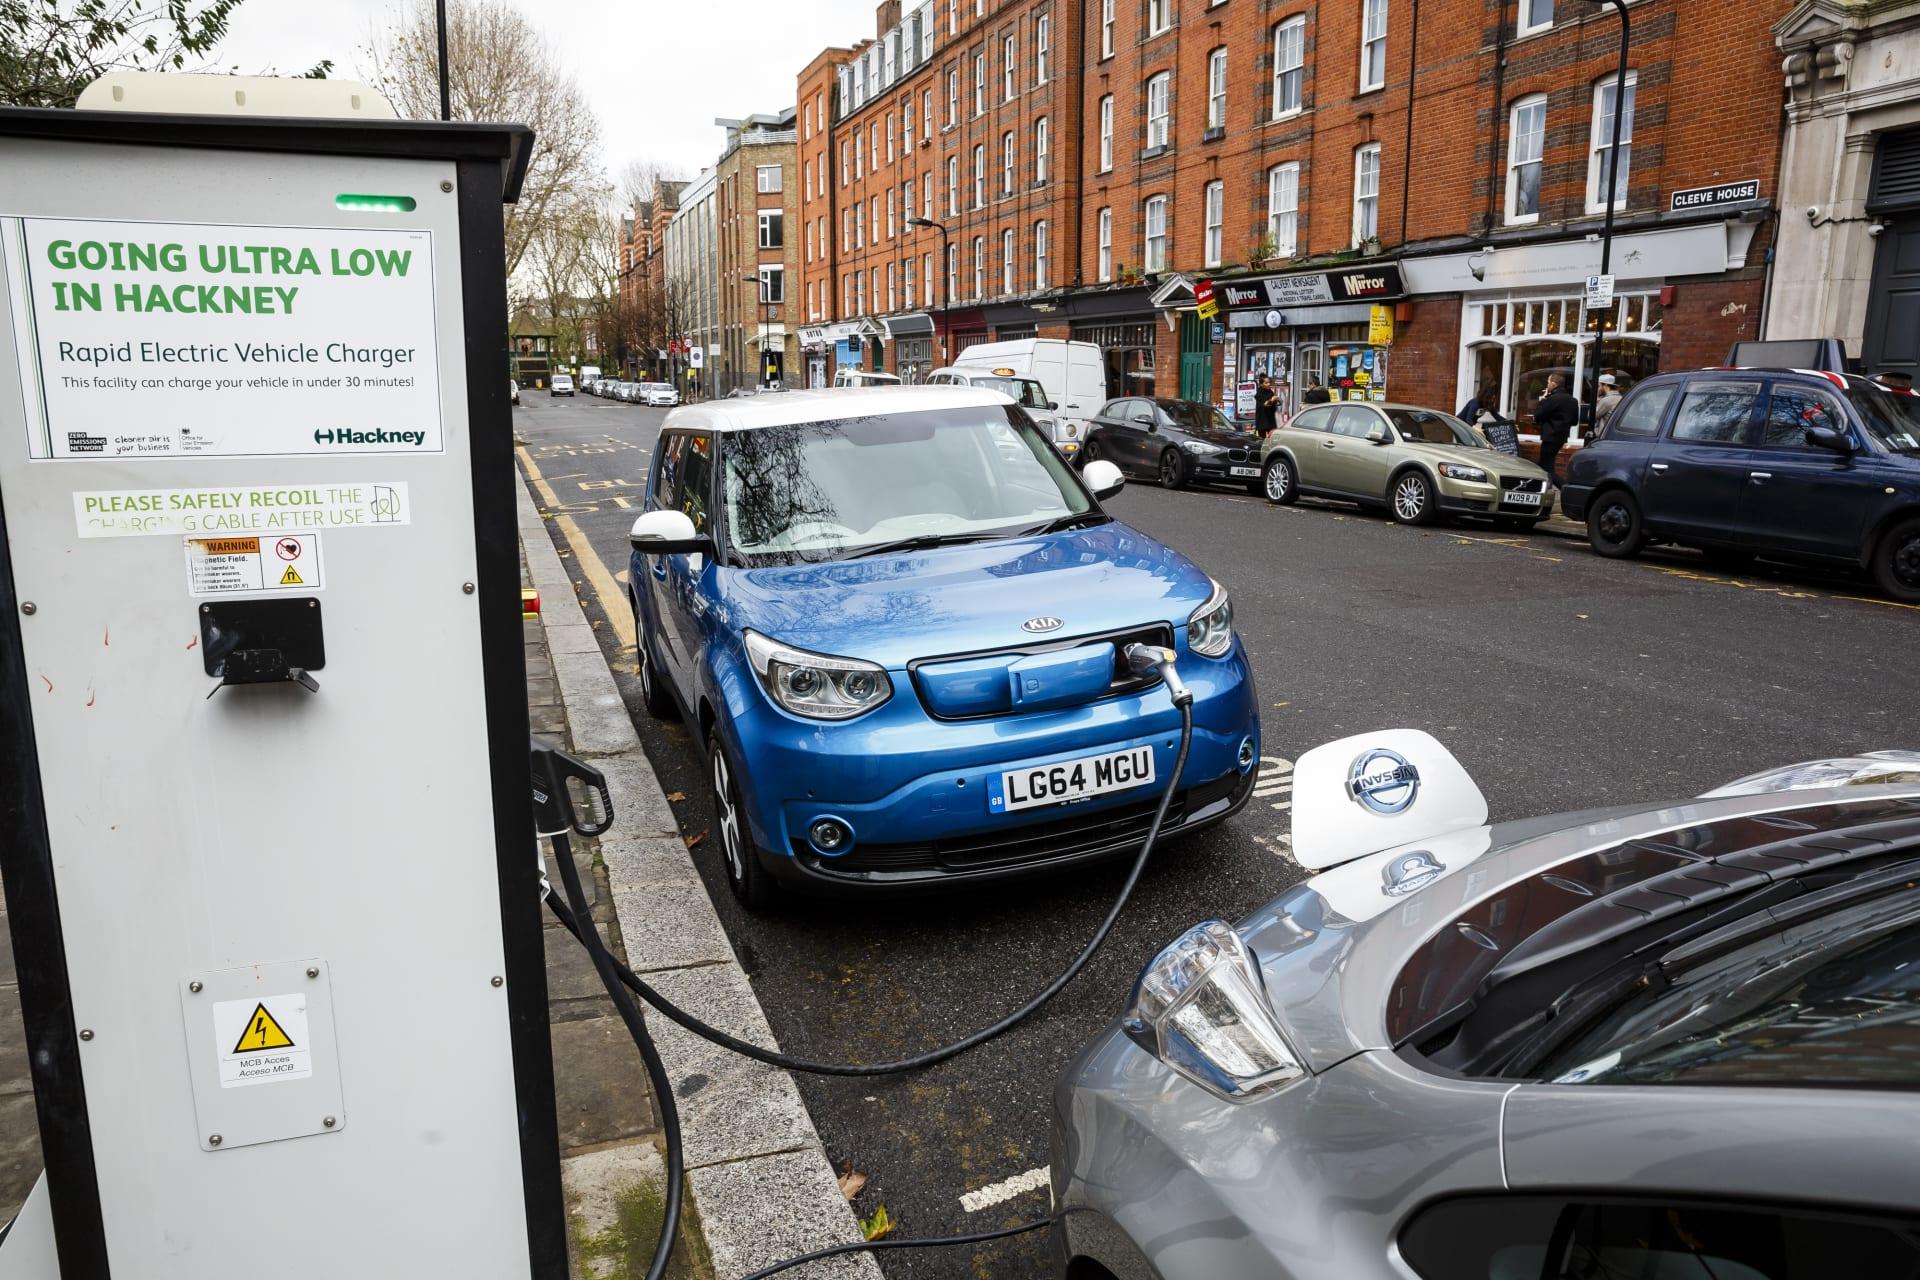 تسلا قد تفقد عرش السيارات الكهربائية